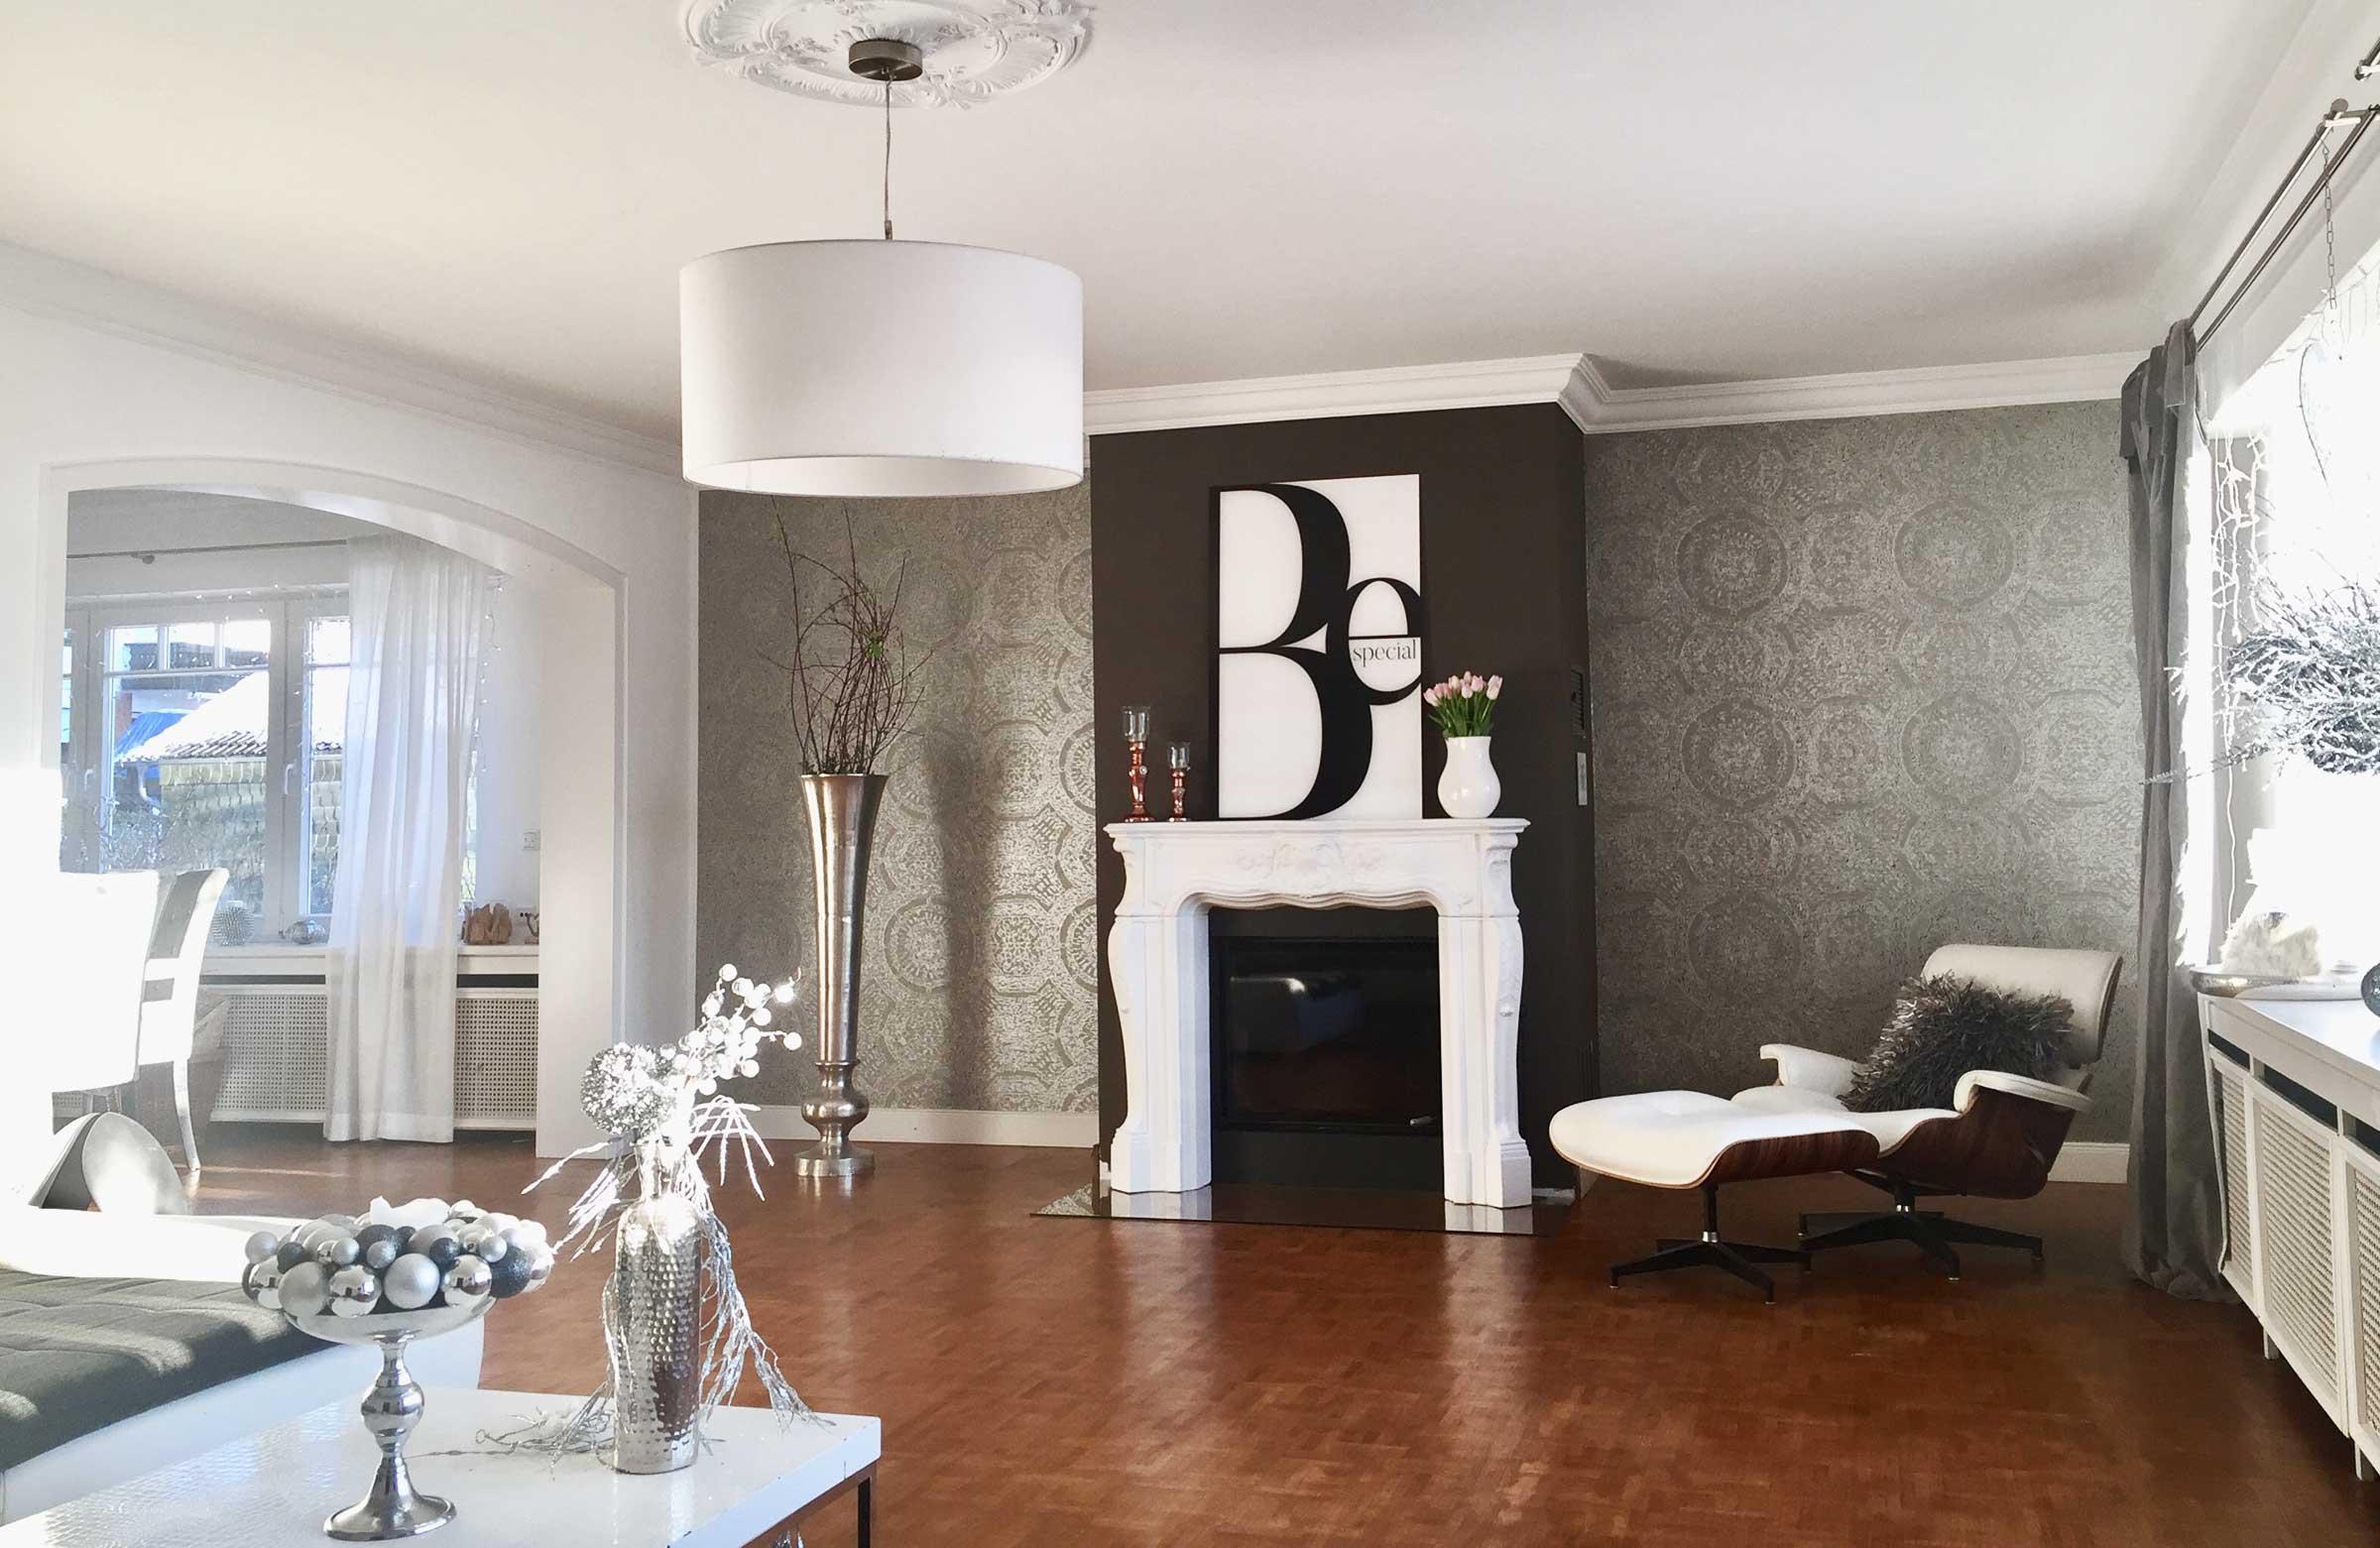 DWI-Cologne-Design-24 | Immobilien Köln I Home Staging I Home ...